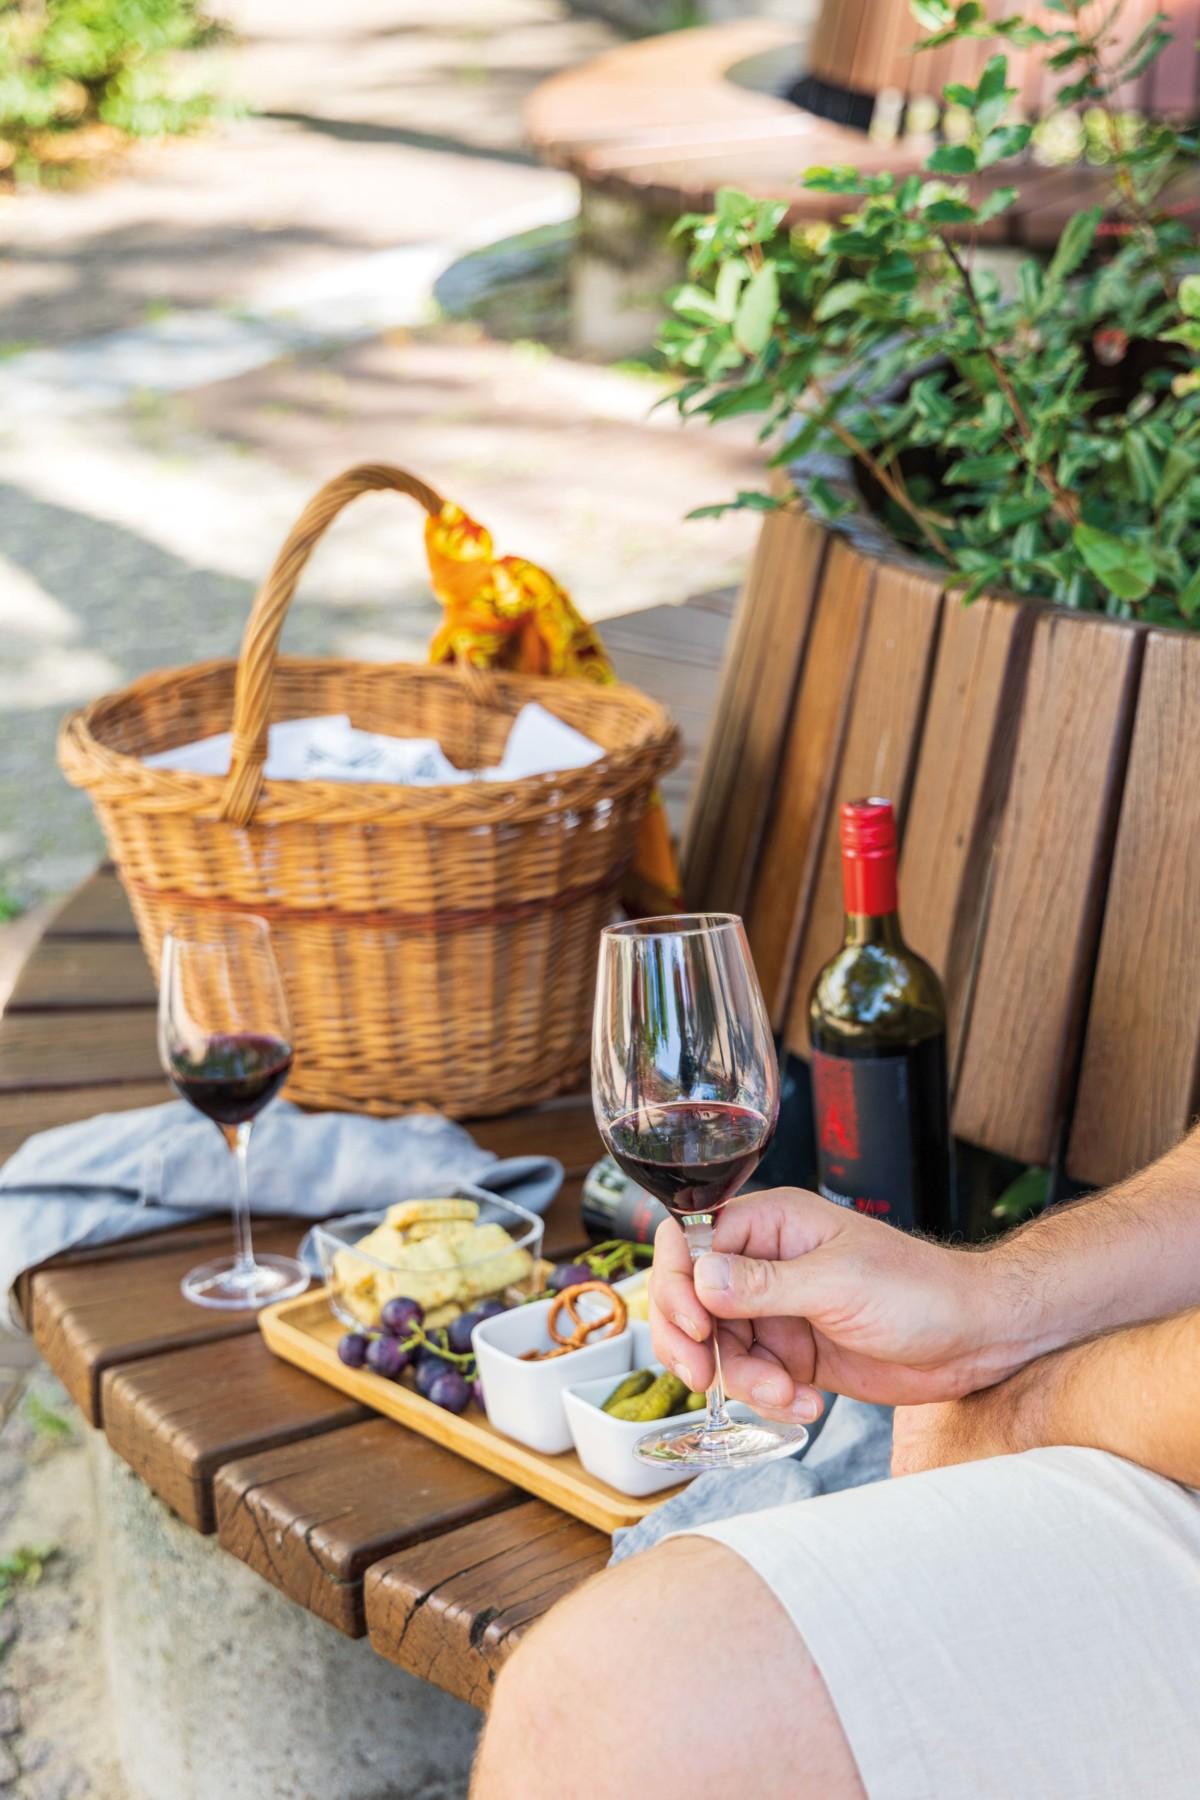 Picknick mit Apothic Red Wein und Cheddar Shortbread / Picnic with Apothic Red Wine and cheddar shortbread by https://babyrockmyday.com/picknick-mit-cheddar-shortbread/